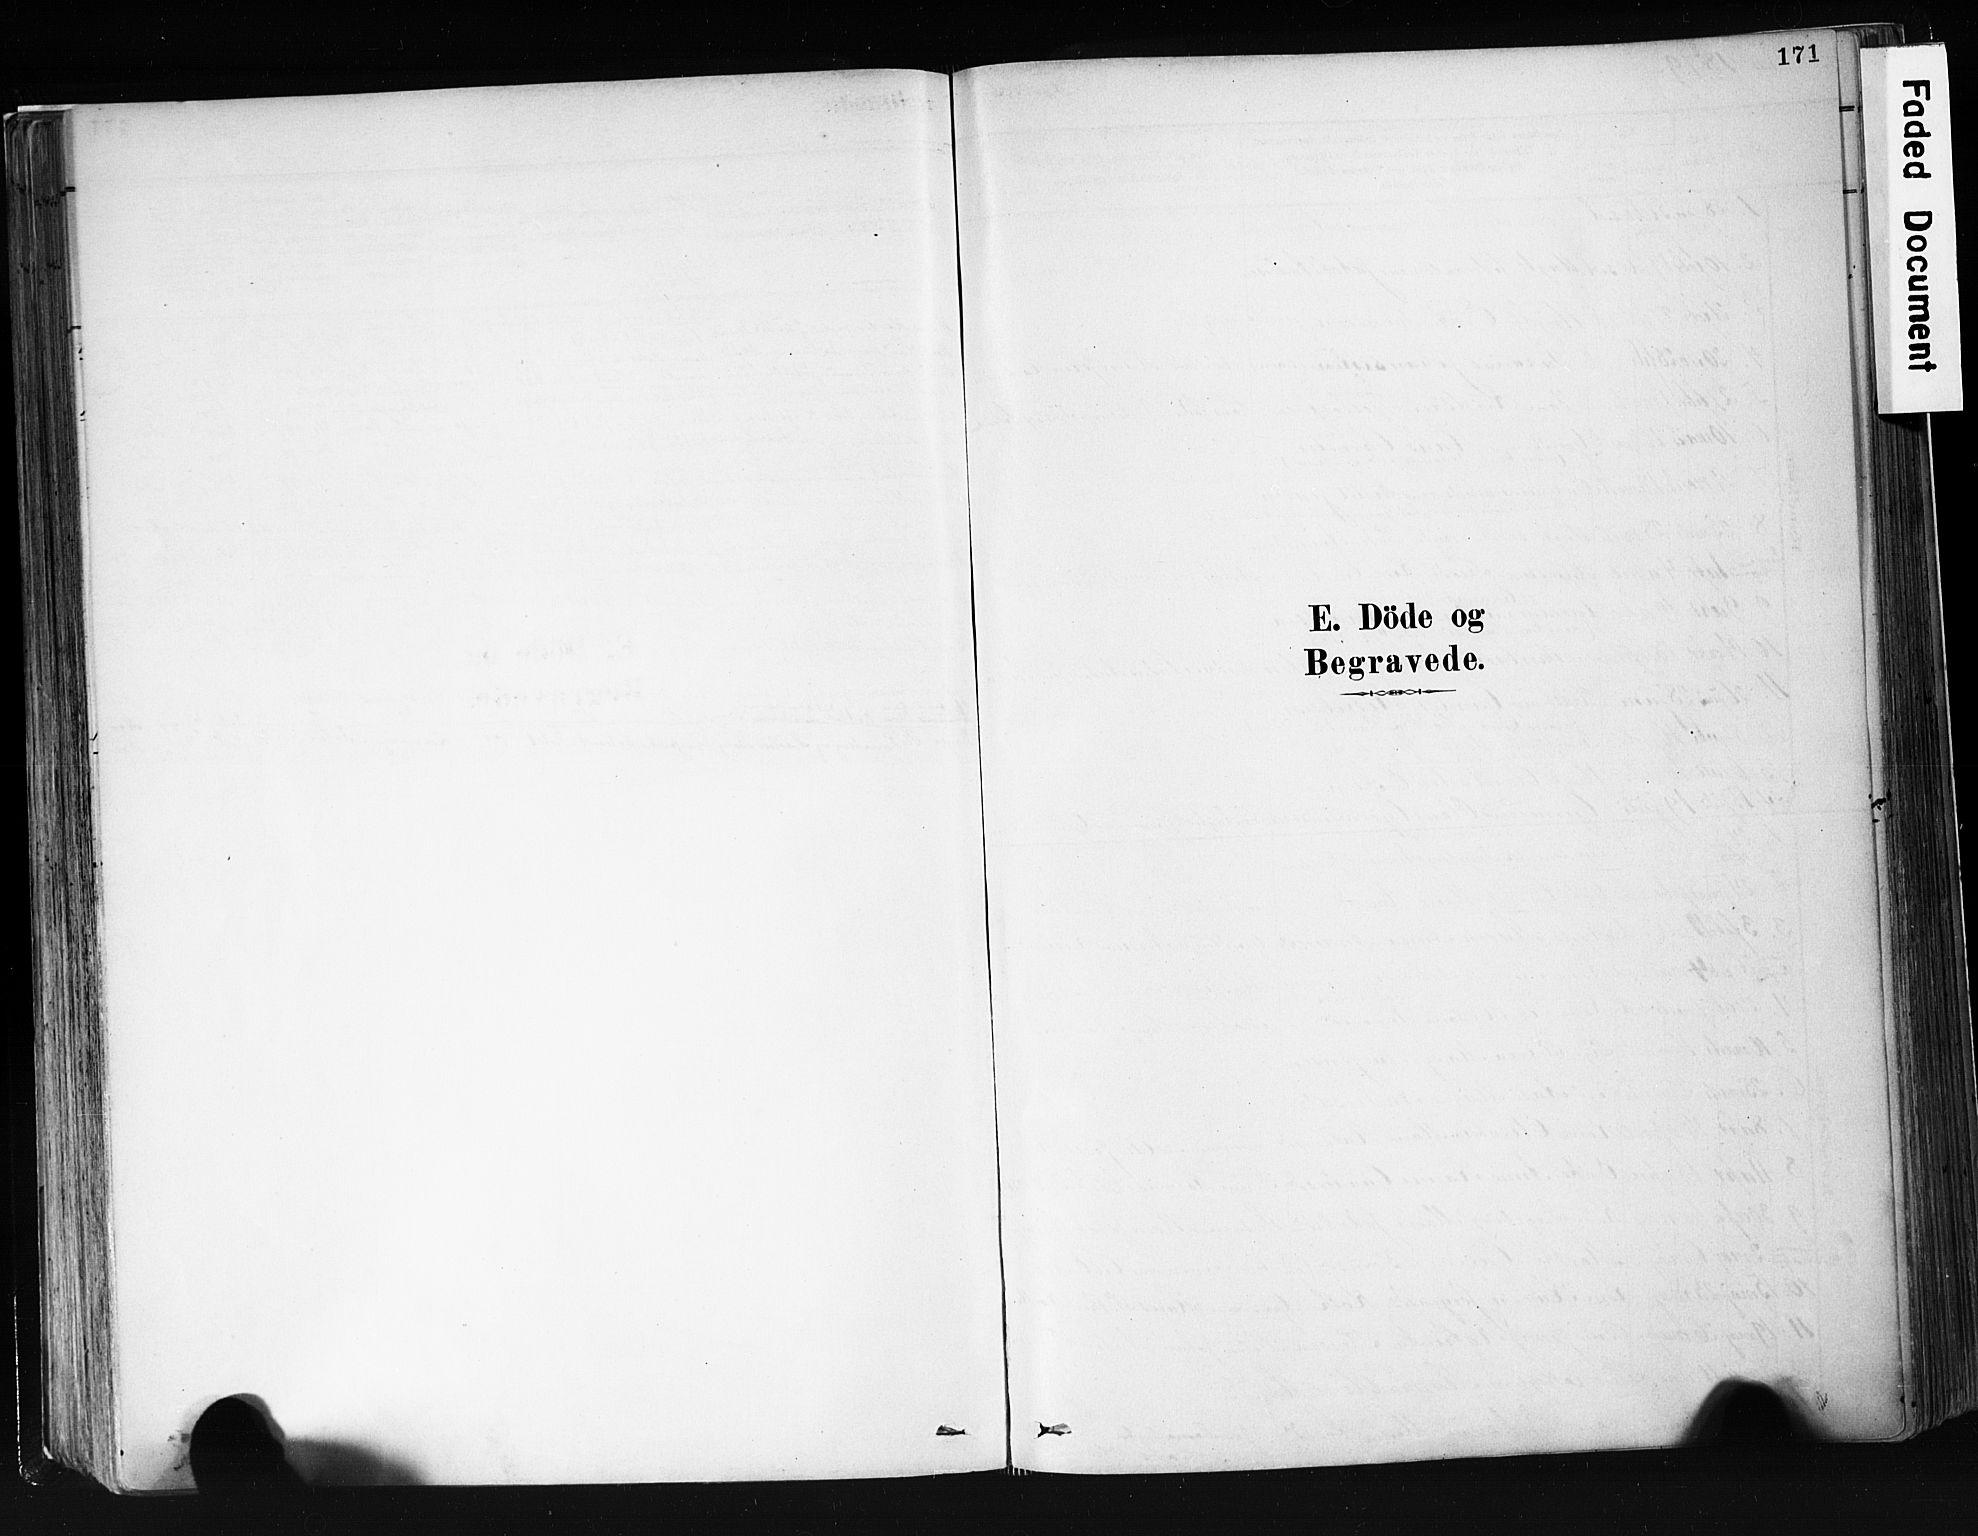 SAKO, Eidanger kirkebøker, F/Fa/L0012: Ministerialbok nr. 12, 1879-1900, s. 171